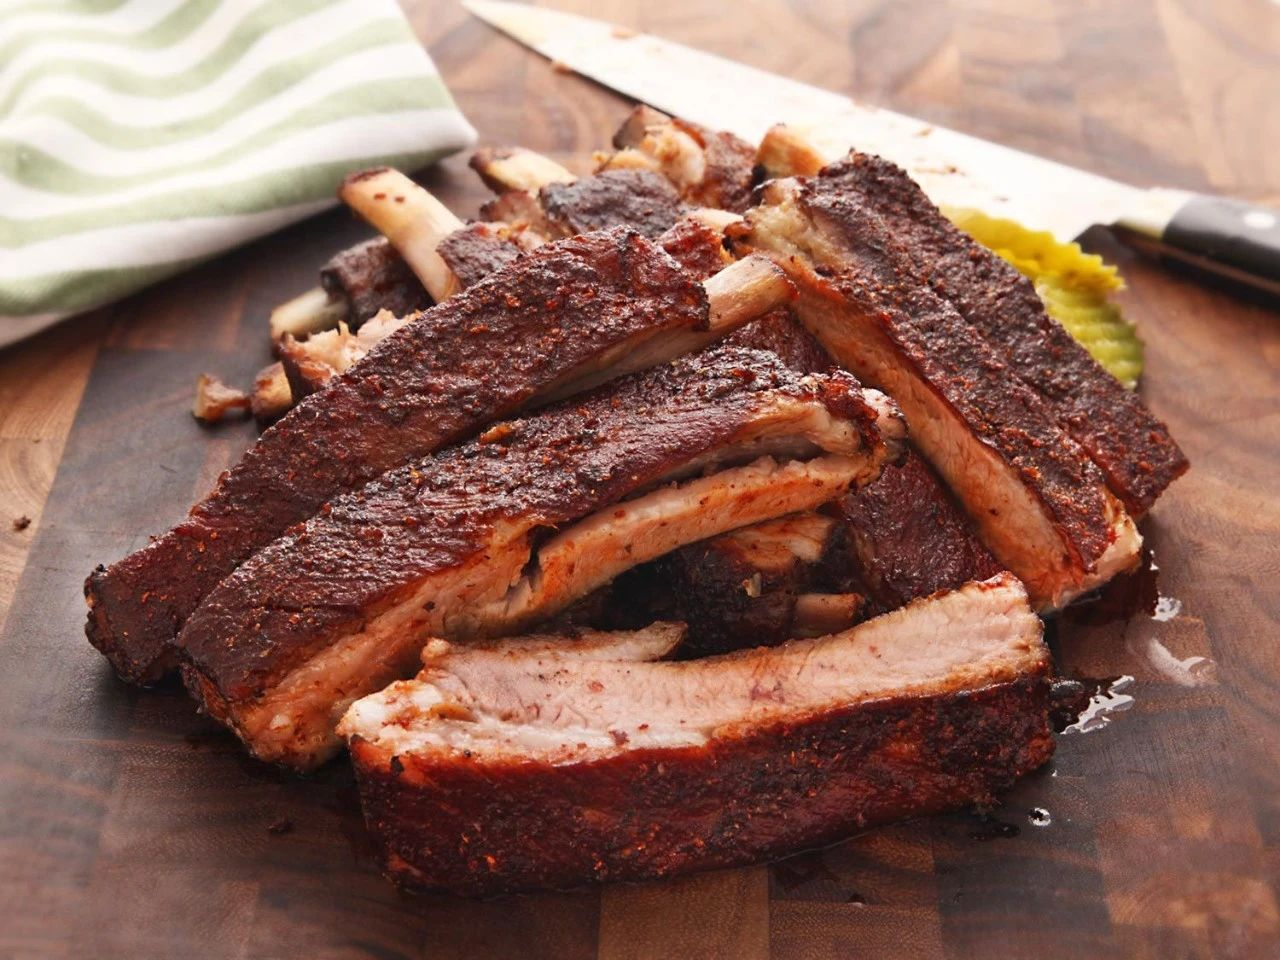 折扣|香烤猪肋排、抽纸等各种食物以及生活用品折扣!维多利亚Costco和Walmart本周精选!